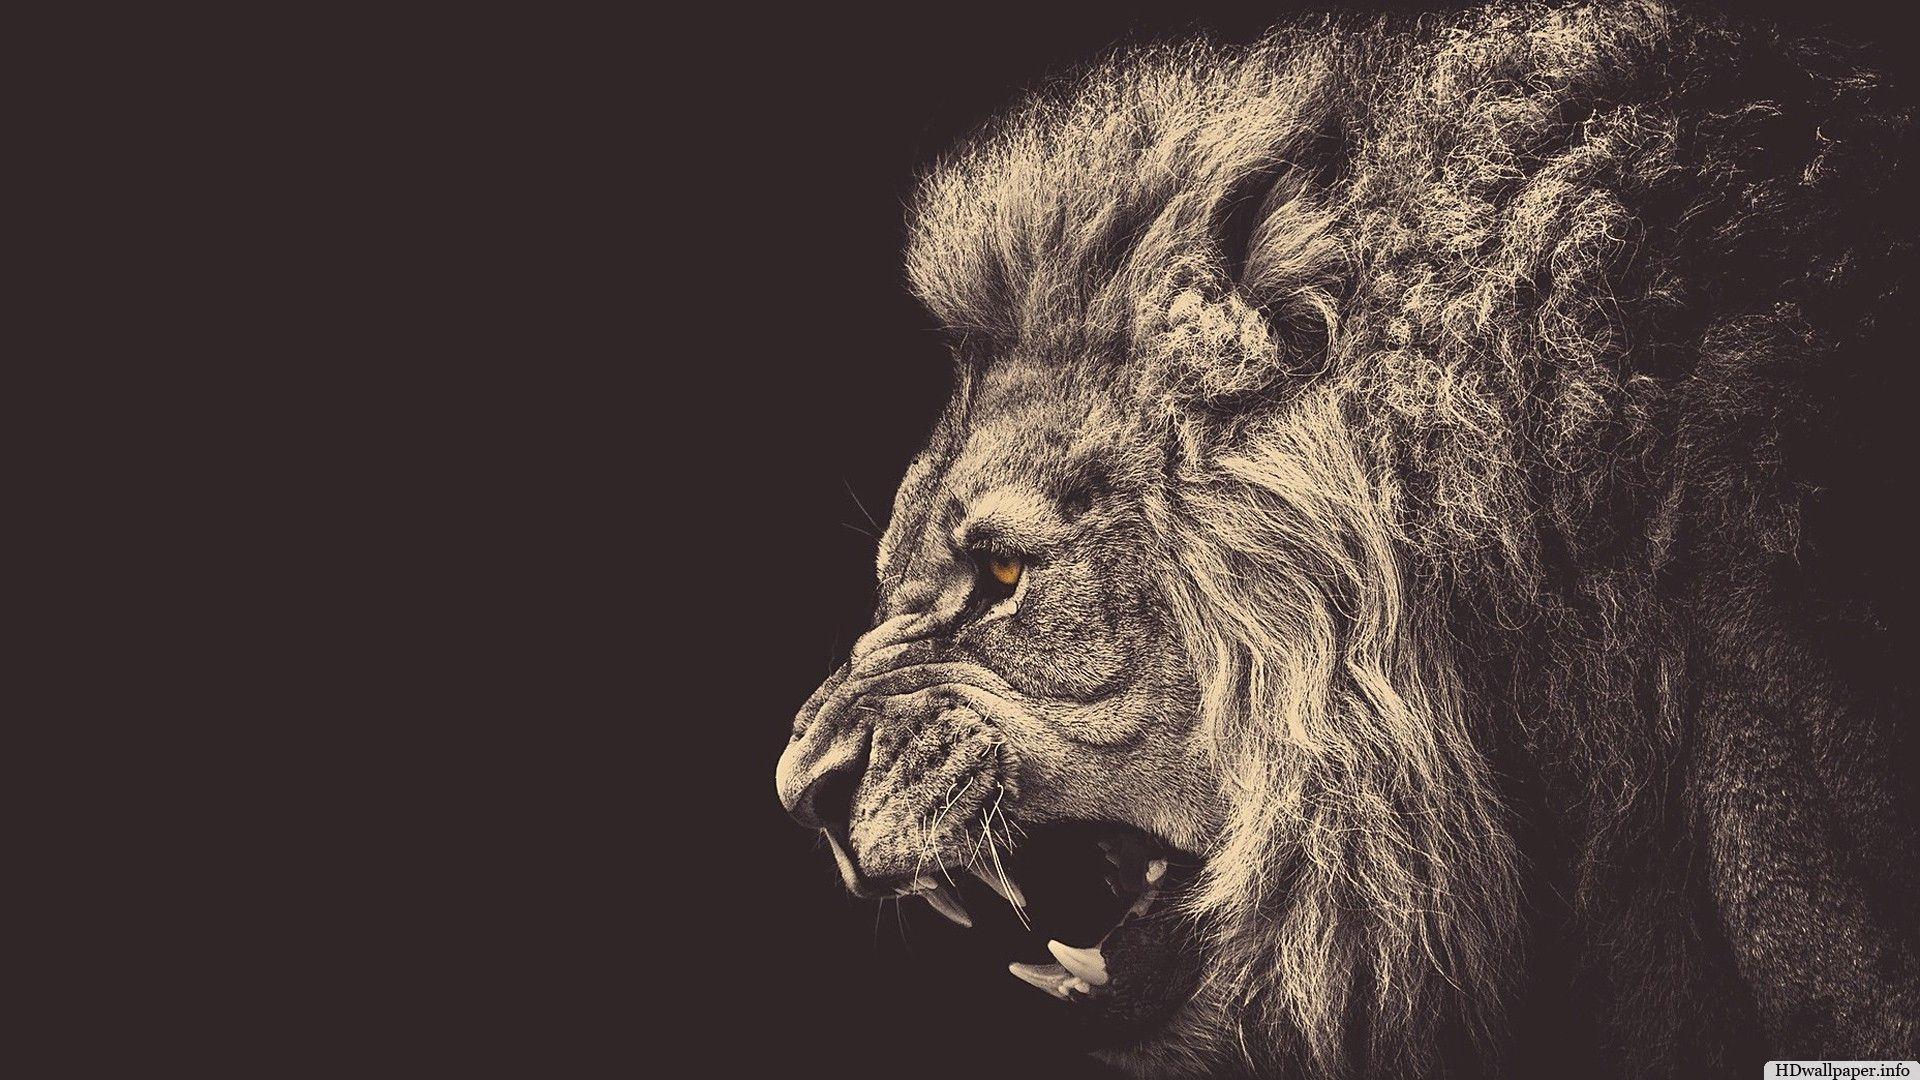 Roaring lion hd wallpaper desktop http hdwallpaper for Immagini leone hd